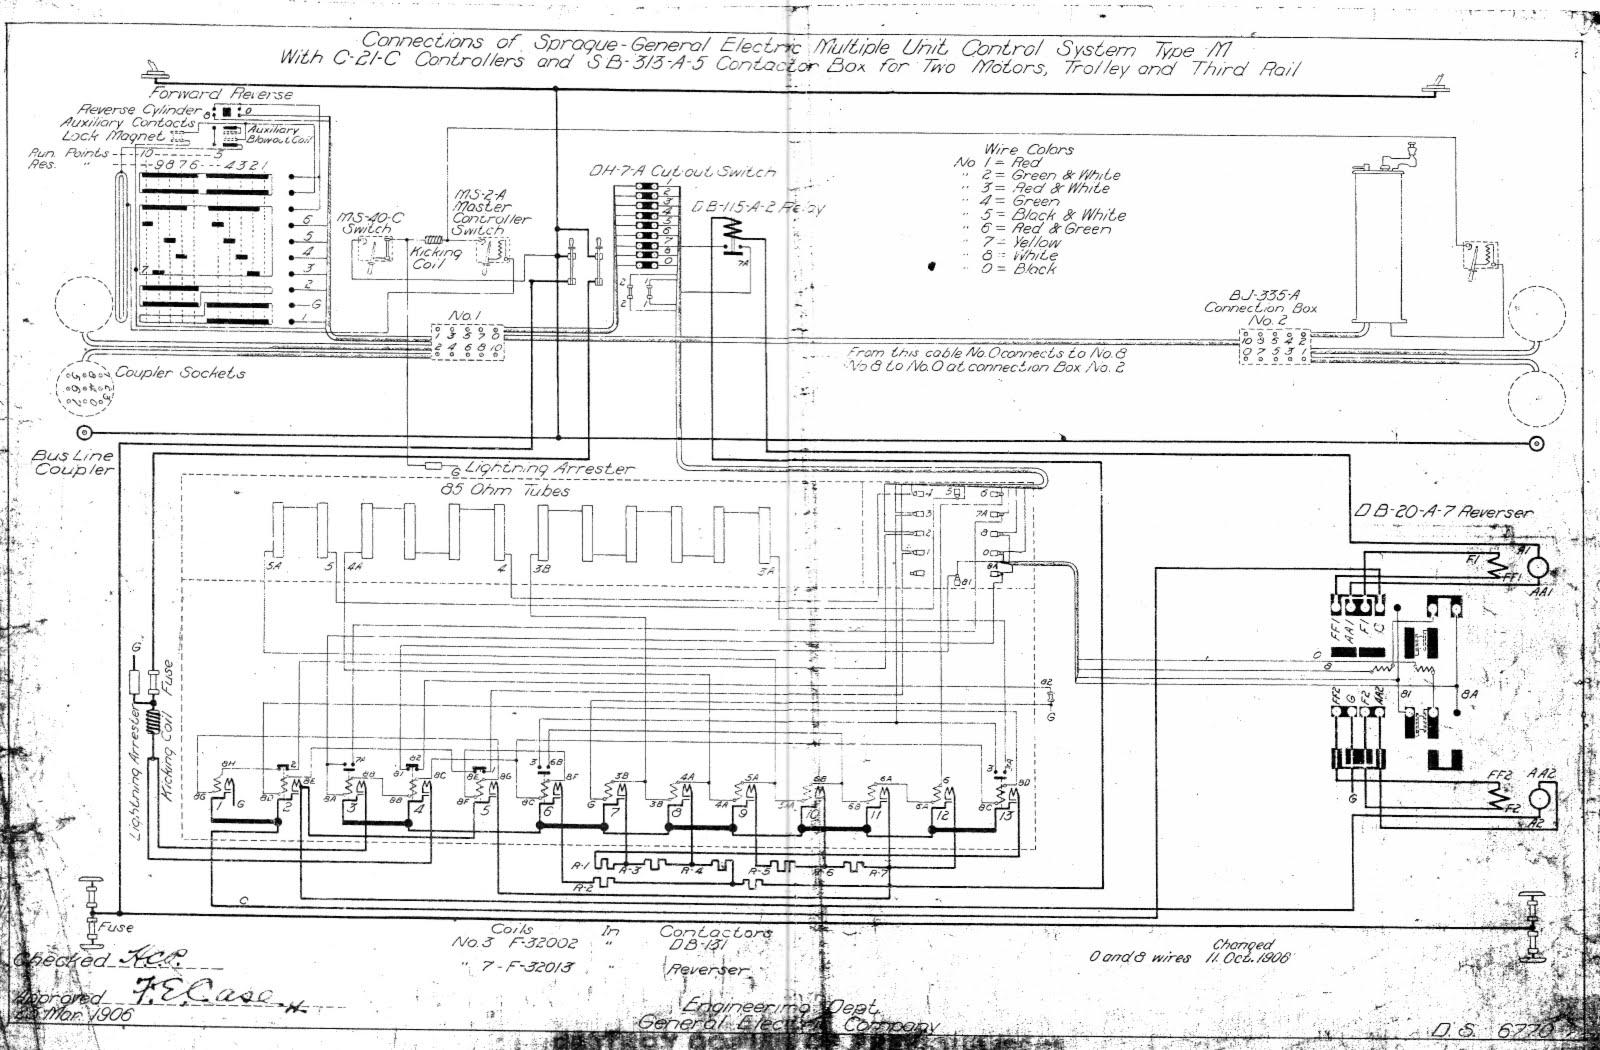 wiring diagram in addition 2006 isuzu npr glow plug wiring diagram 2000 isuzu npr abs relay 2006 isuzu npr glow plug wiring diagram [ 1600 x 1050 Pixel ]